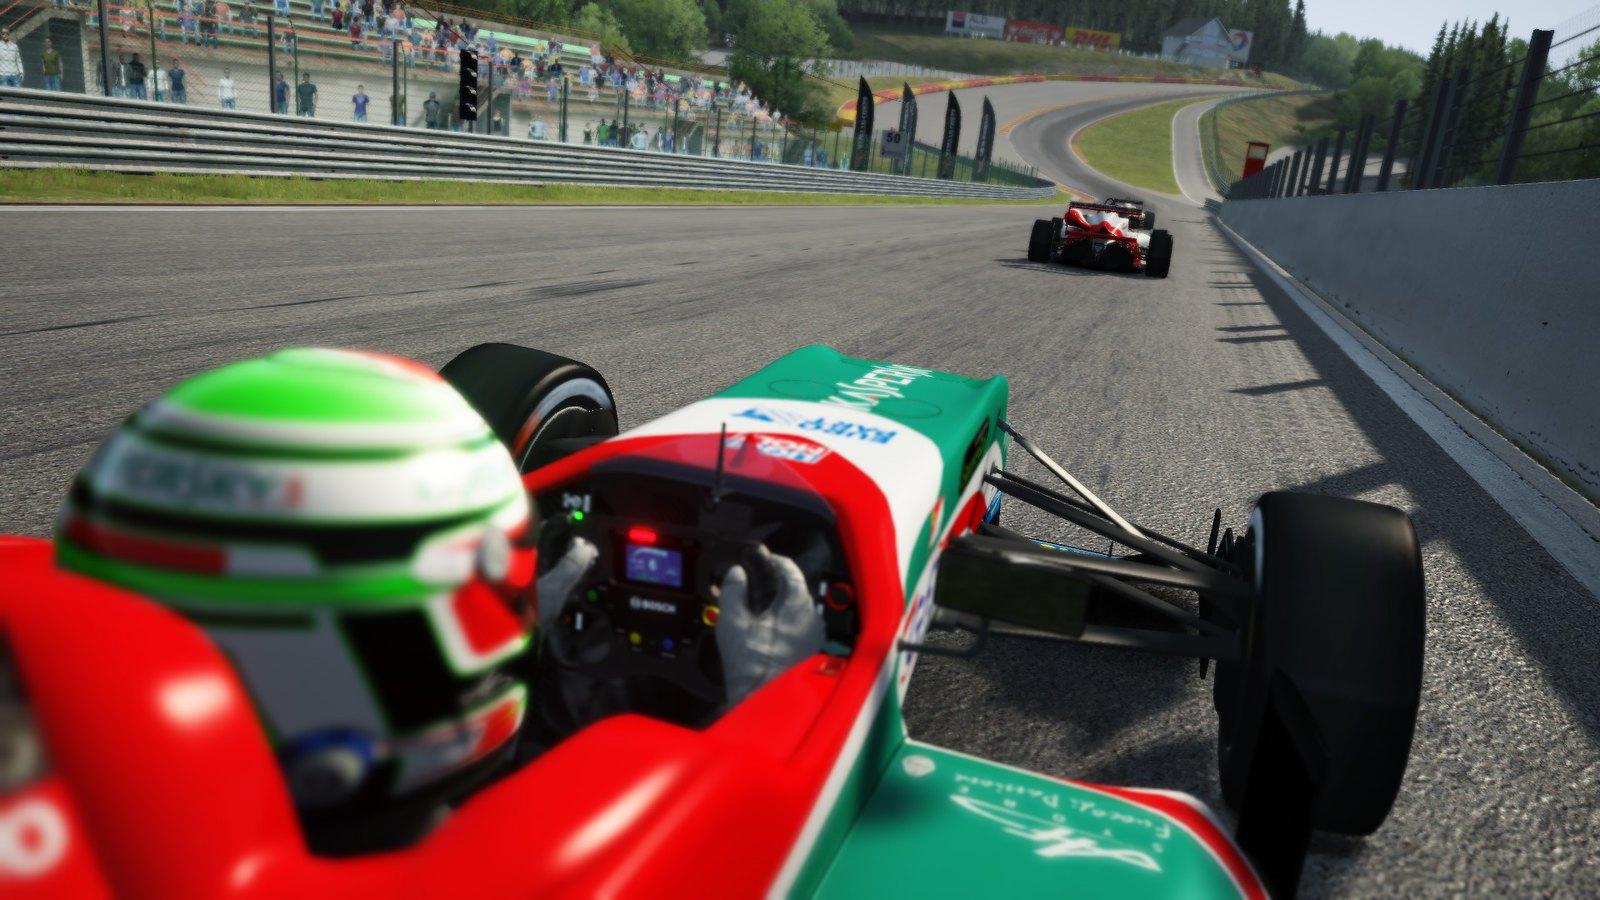 Релиз обновления для RSR Formula 3 на AC